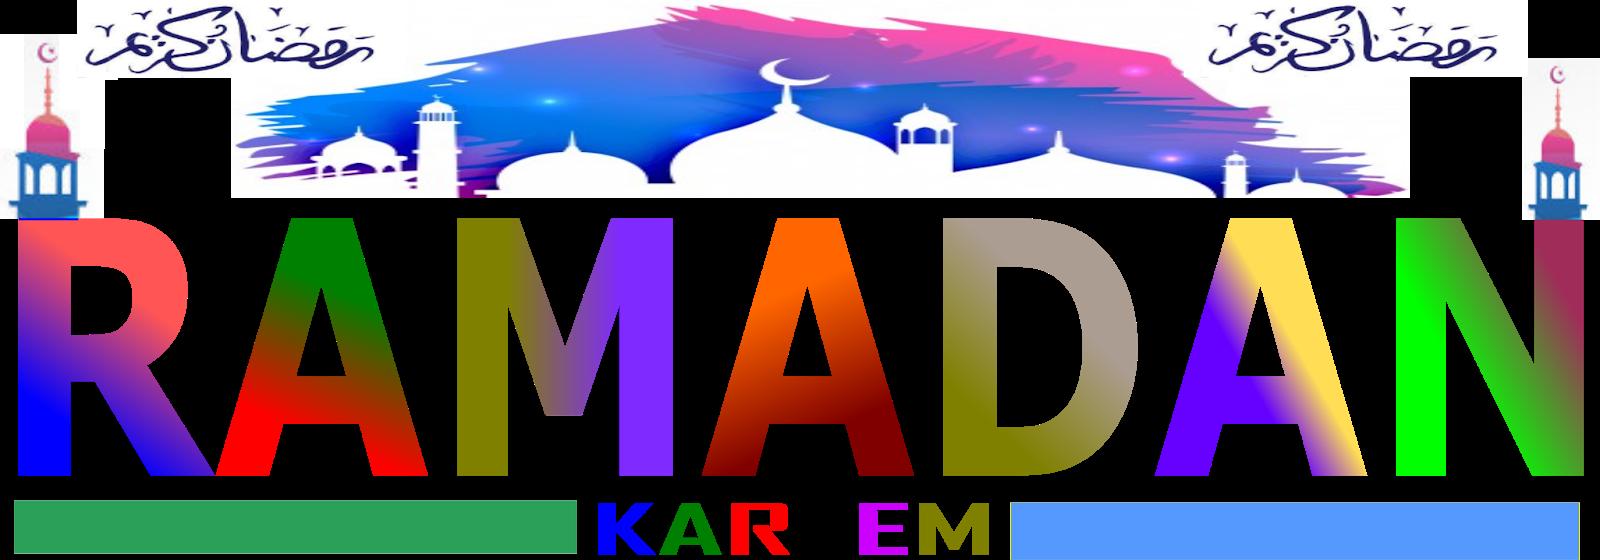 Ramadan Kareem Hd Photos Hd Wallpaper 1080p Ramadan Images